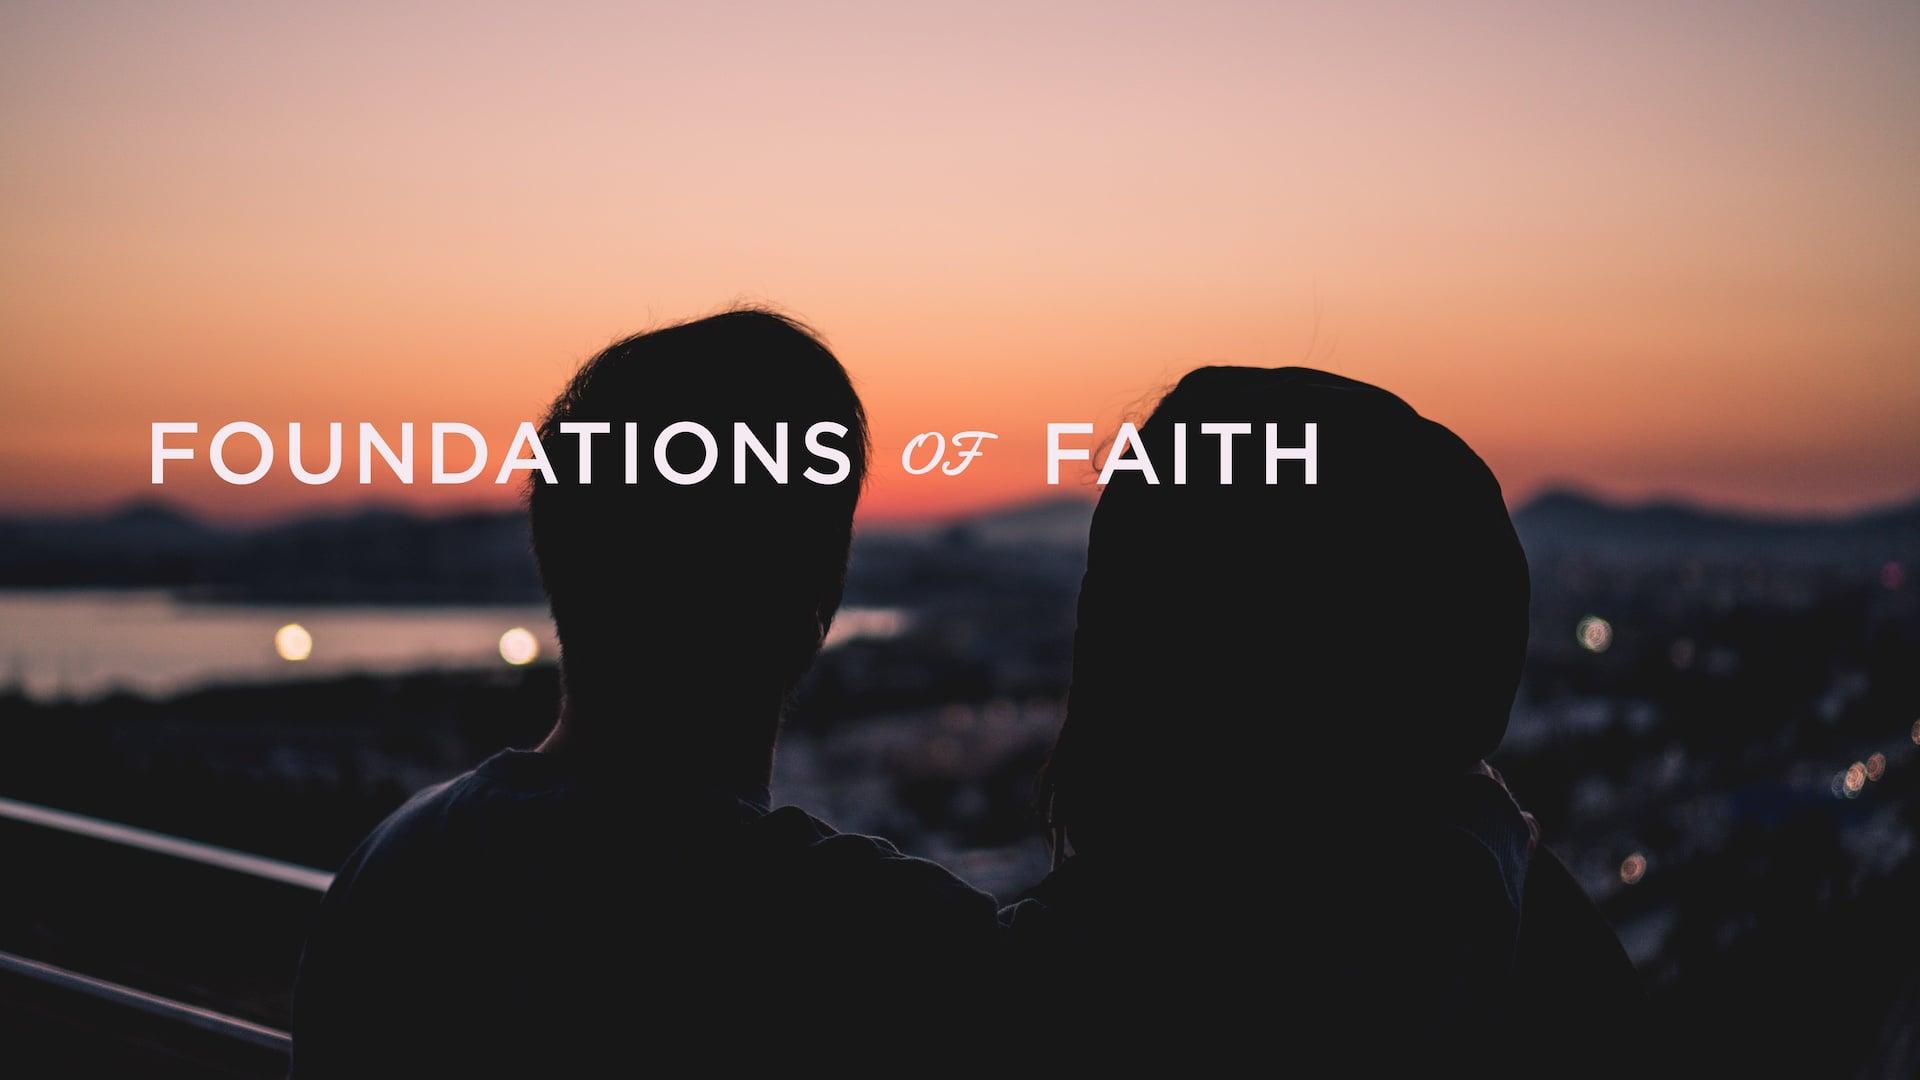 Foundations of Faith - Part 2